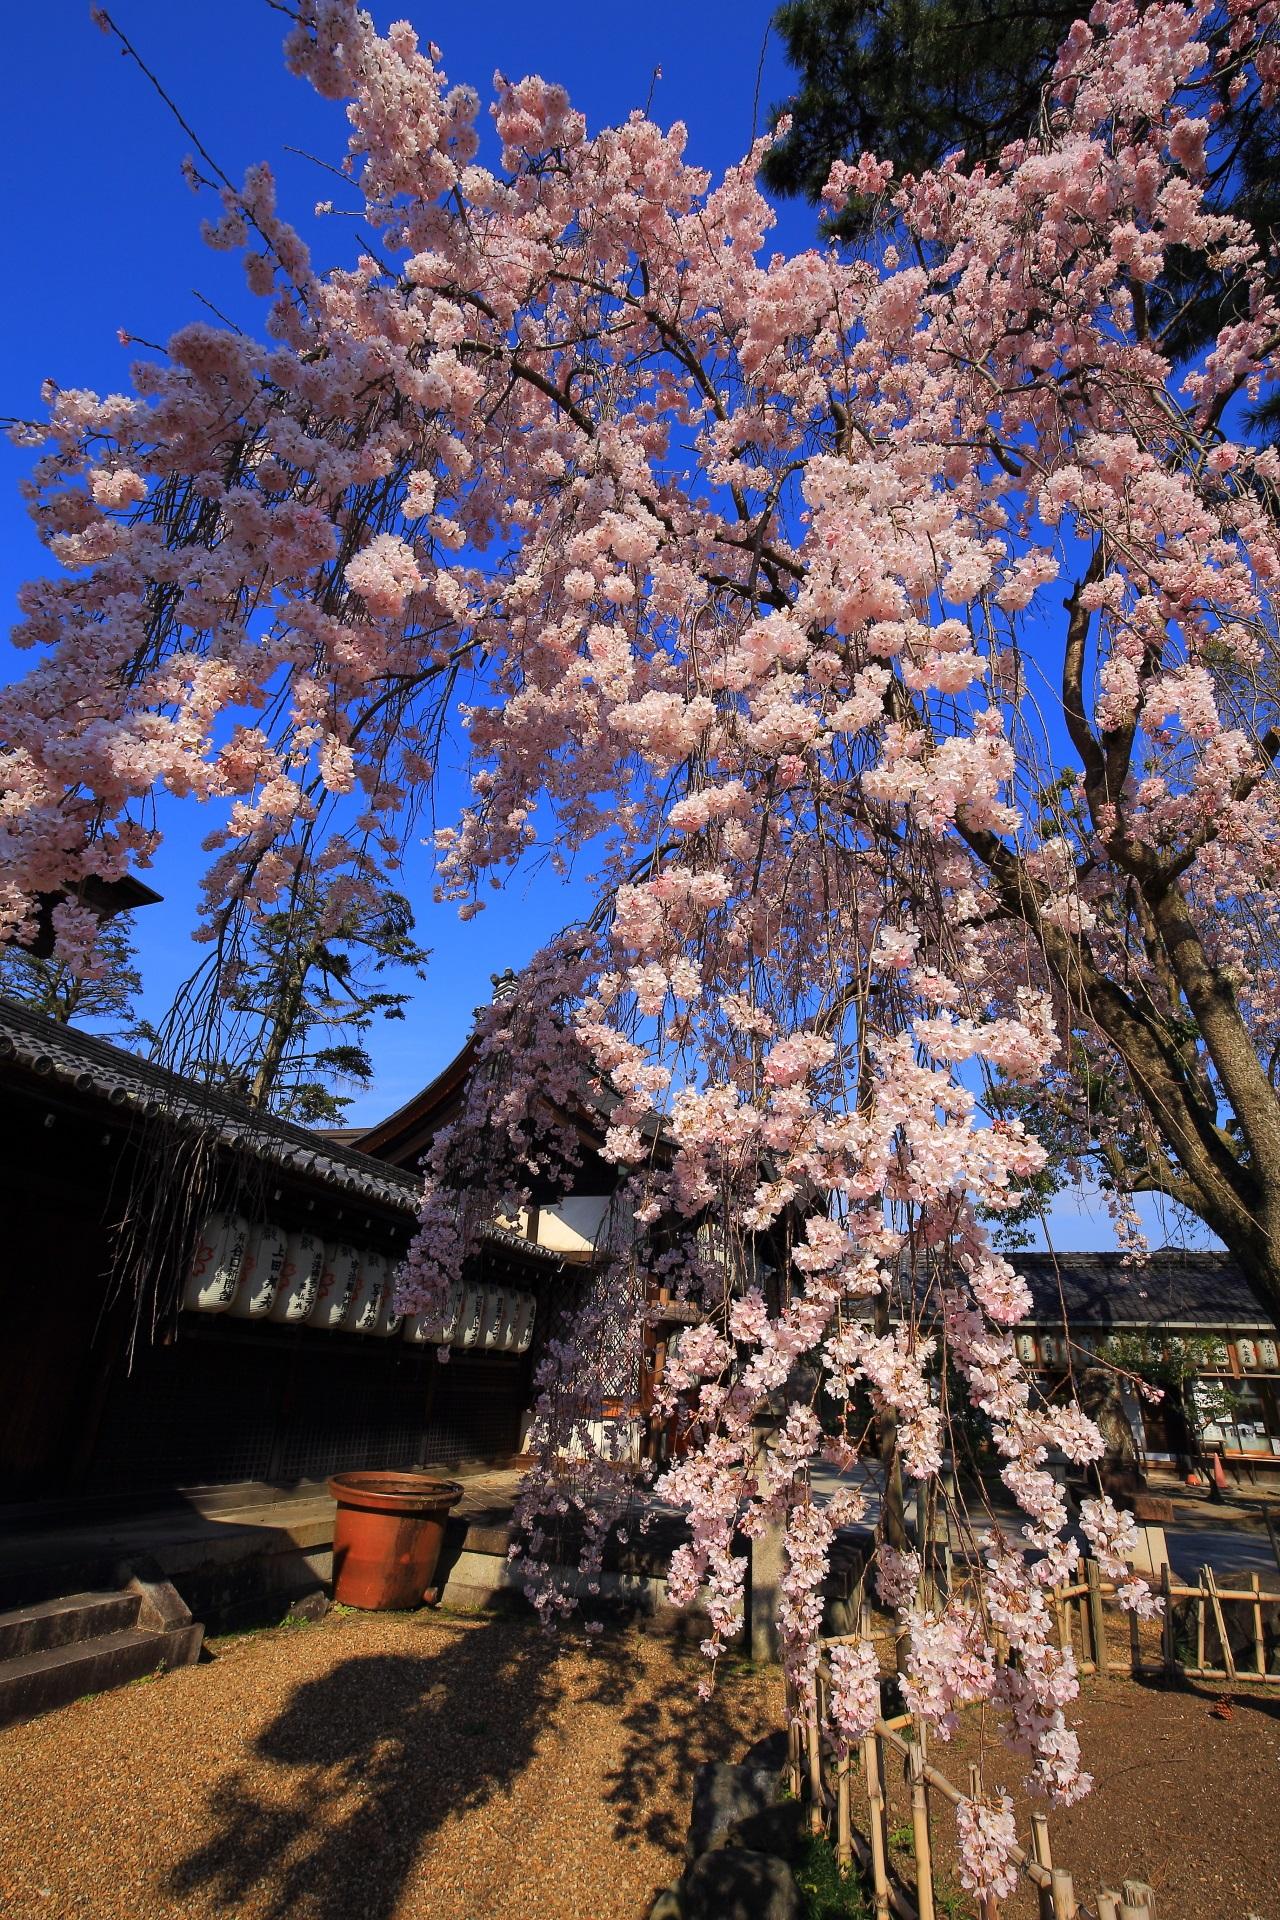 花が弾け飛びそうなくらいに咲く縣神社のしだれ桜